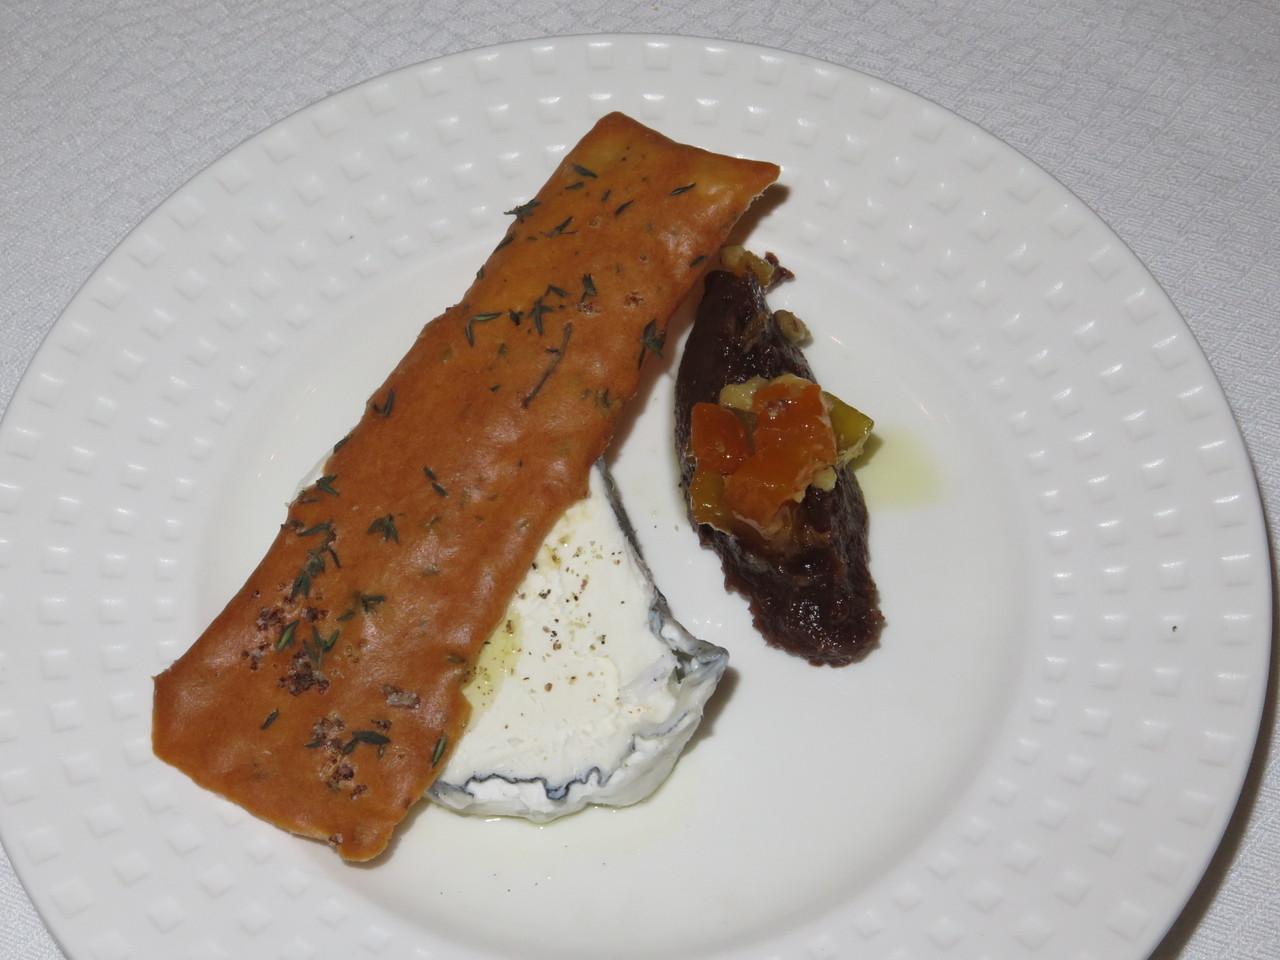 Queijo Chèvre Granja dos Moinhos, Crocante de Tomilho, Compota de Figo, Alperce e Frutos Secos